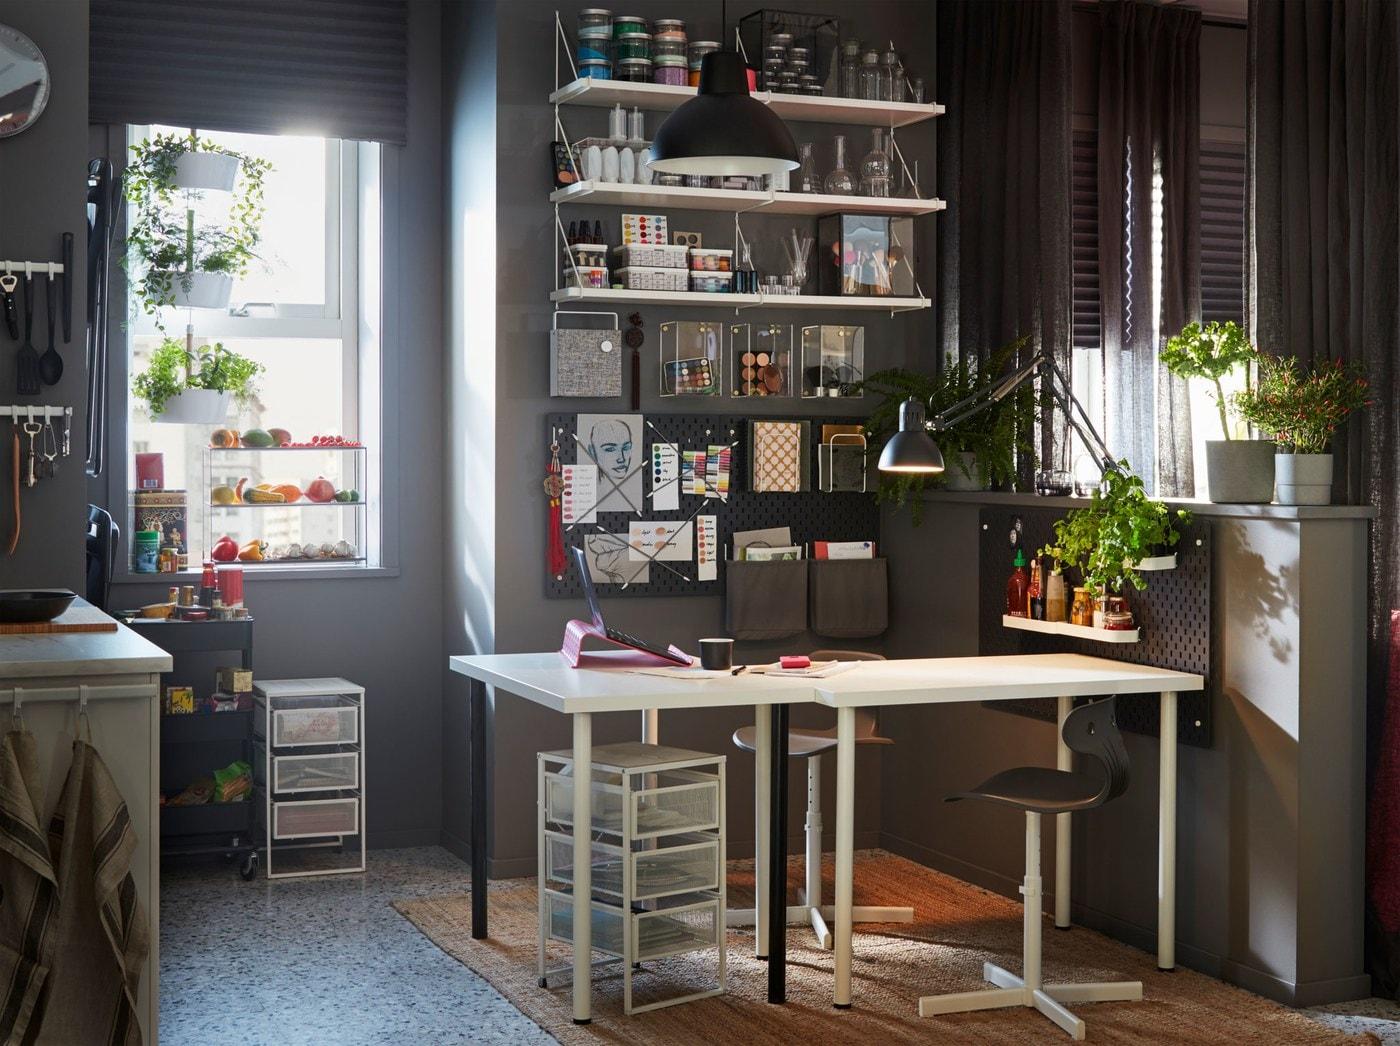 Domowe biuro z białym stołem IKEA LINNMON/ADILS, krzesłami obrotowymi, otwartymi komodami z drucianymi szufladami oraz biurowymi przyborami na jednej ścianie.